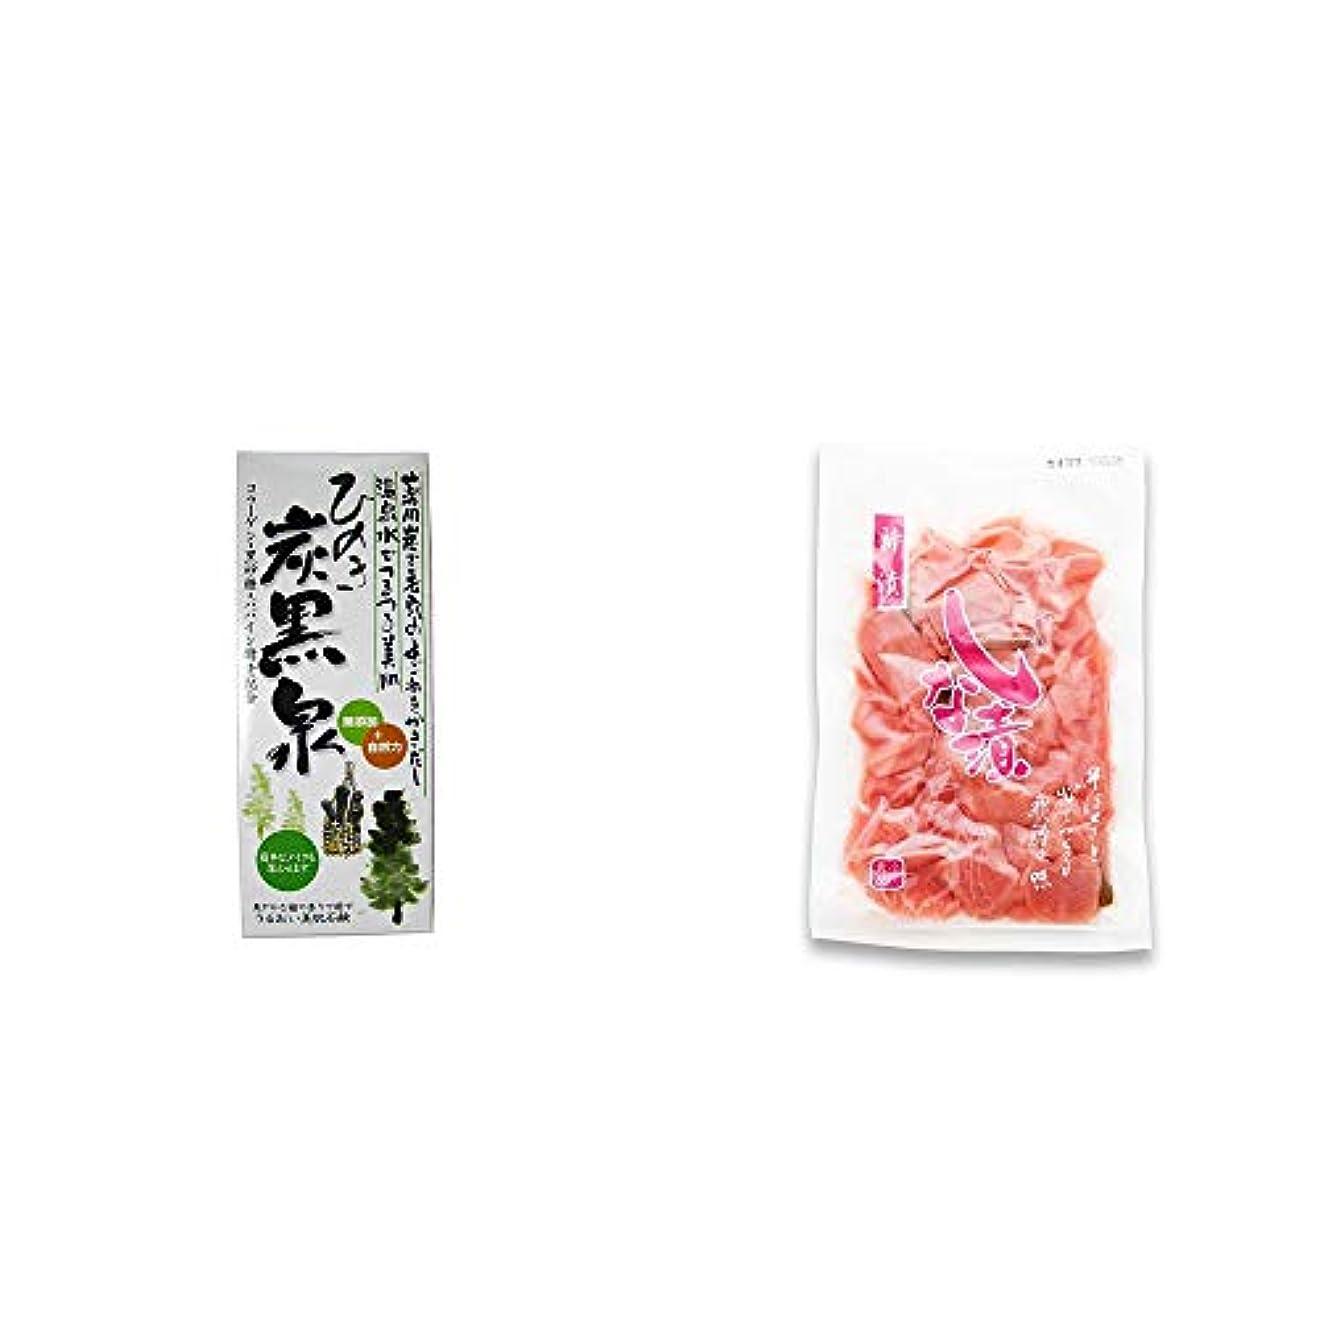 うぬぼれリズミカルなレイアウト[2点セット] ひのき炭黒泉 箱入り(75g×3)?しな漬け(160g)